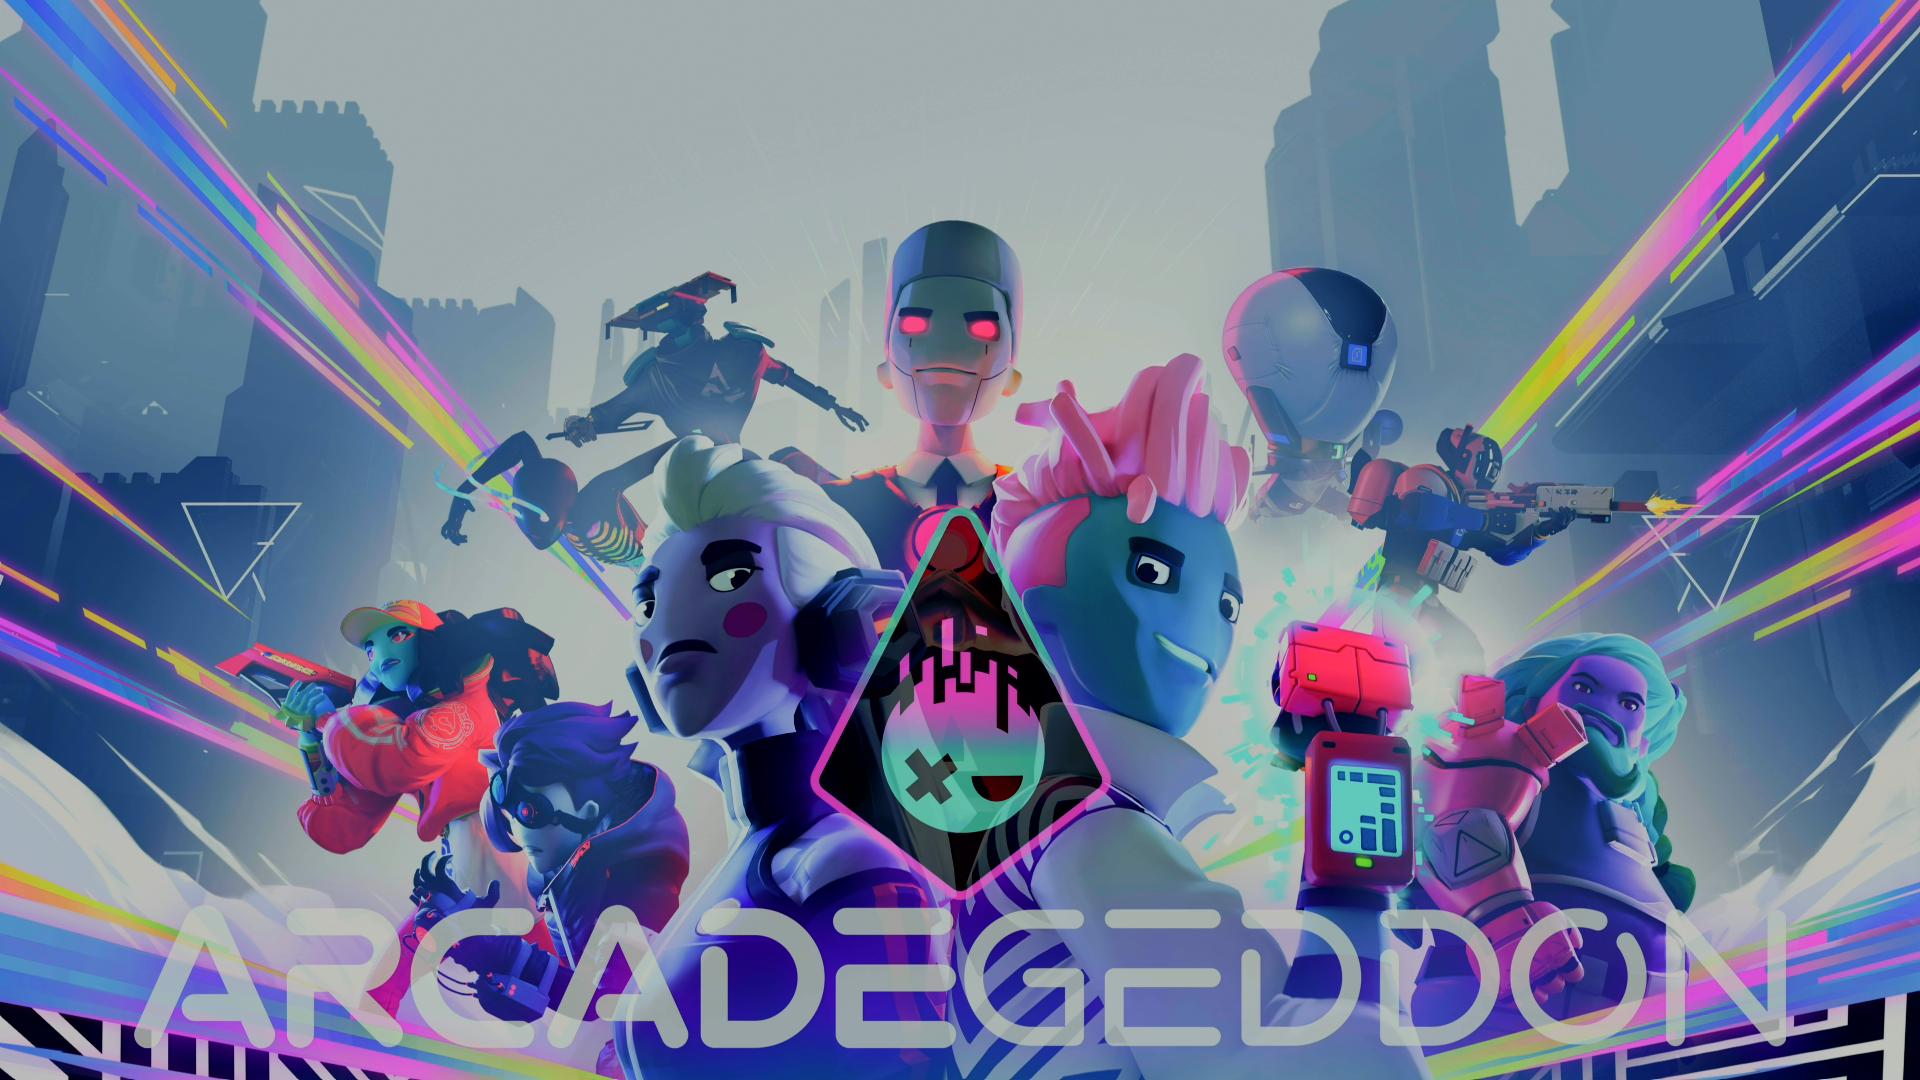 Arcadegeddon 1